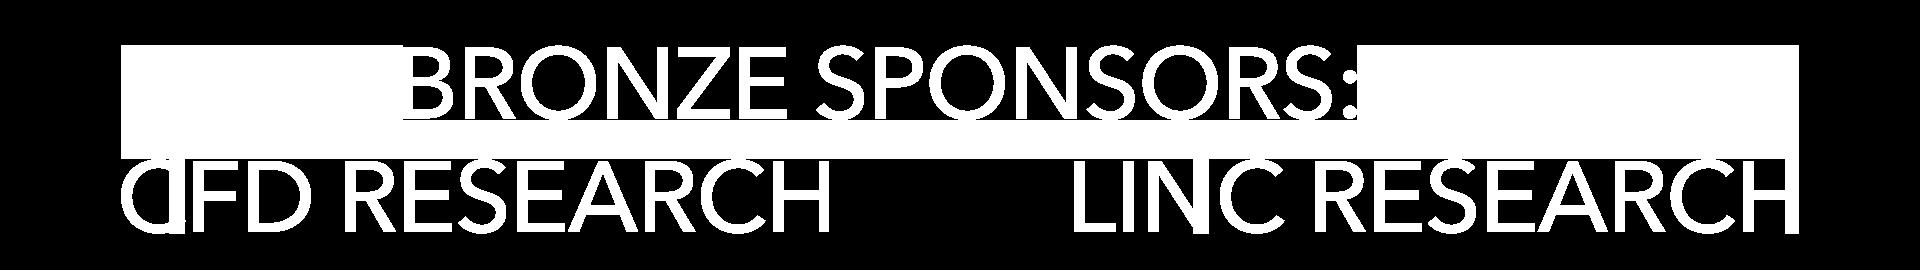 8 - Bronze Sponsors.png